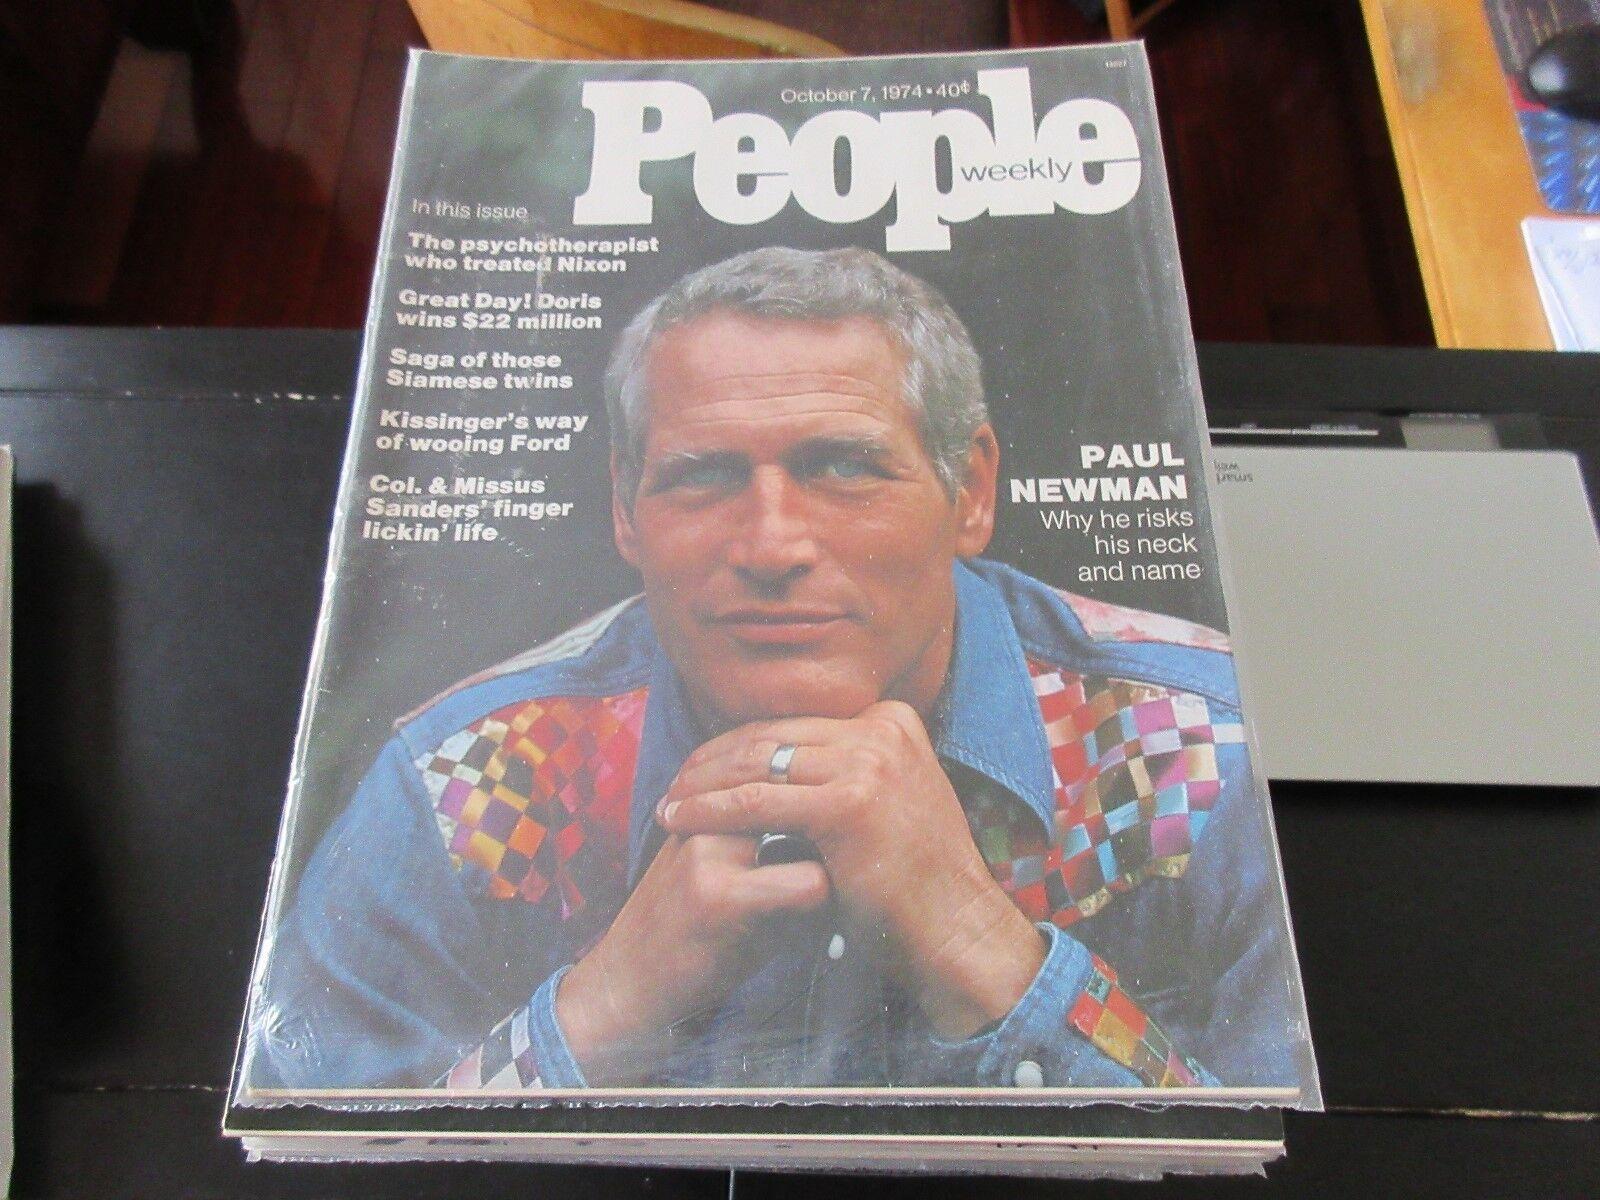 PAUL NEWMAN , People Weekly , 10/7/74, Col. Sanders , K